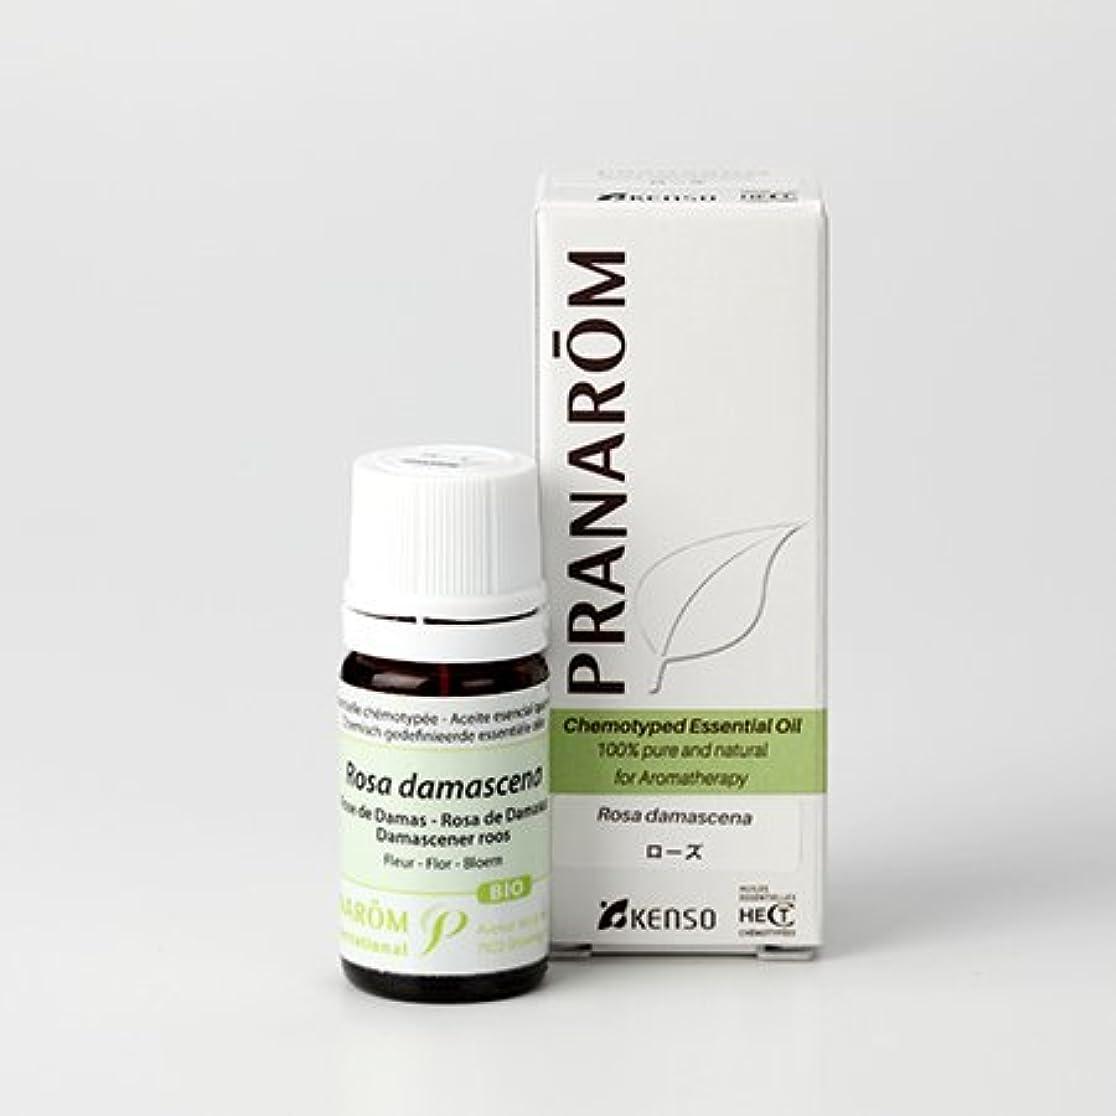 心理的にリボンドアミラー【ローズ 5ml】→華やかさだけでなく、透明感をもつ、気品にあふれた香り?(フローラル系)[PRANAROM(プラナロム)精油/アロマオイル/エッセンシャルオイル]P-158